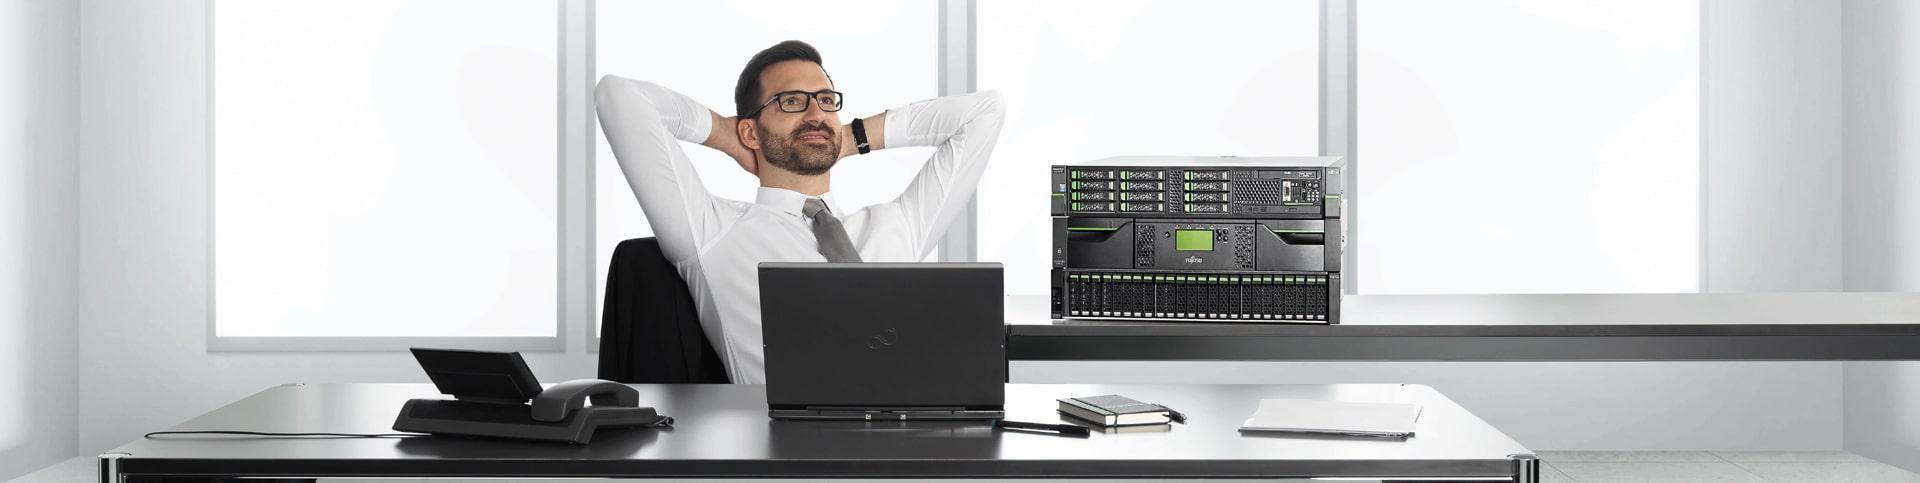 triPlus ist Ihr Systemhaus mit dem unschlagbar fairen All-in-One-Service